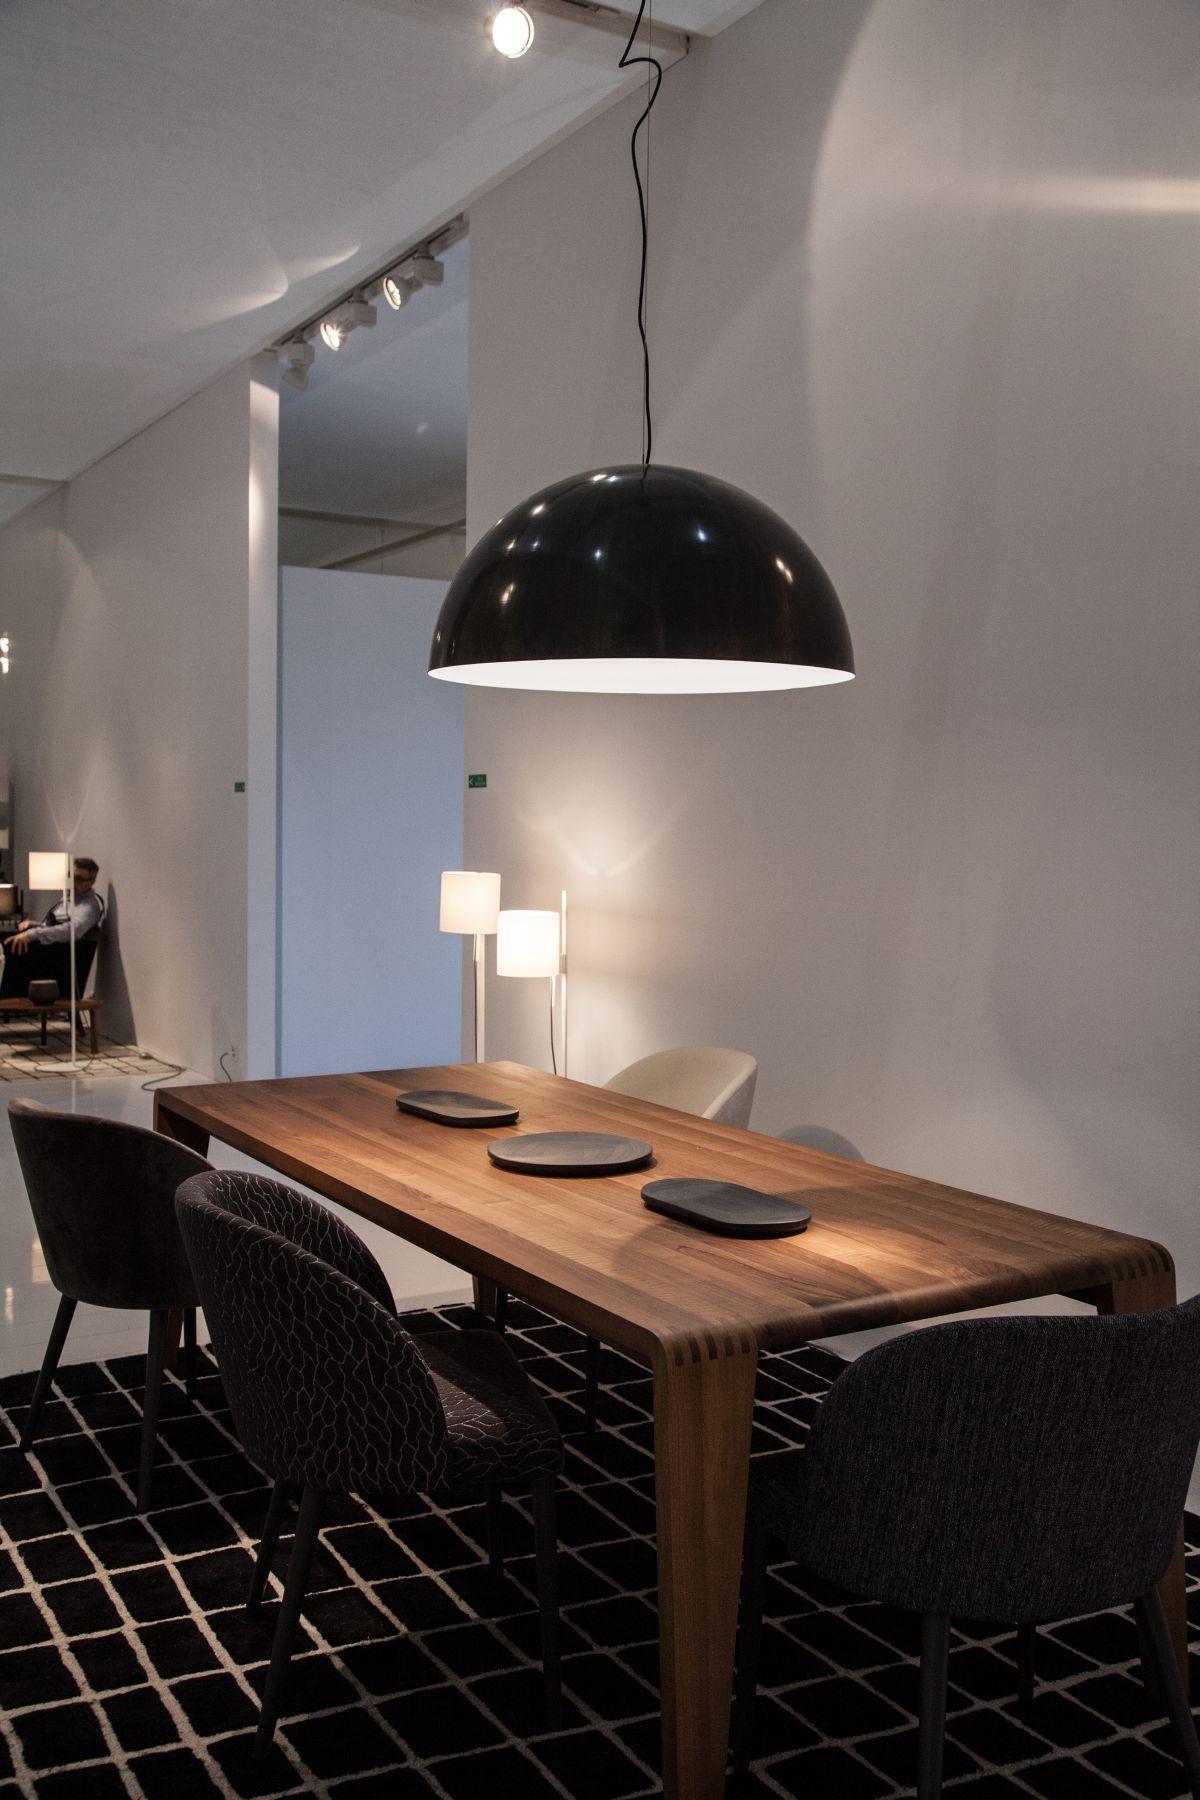 Maison Amp Objet Showcases Latest In Lighting Designs